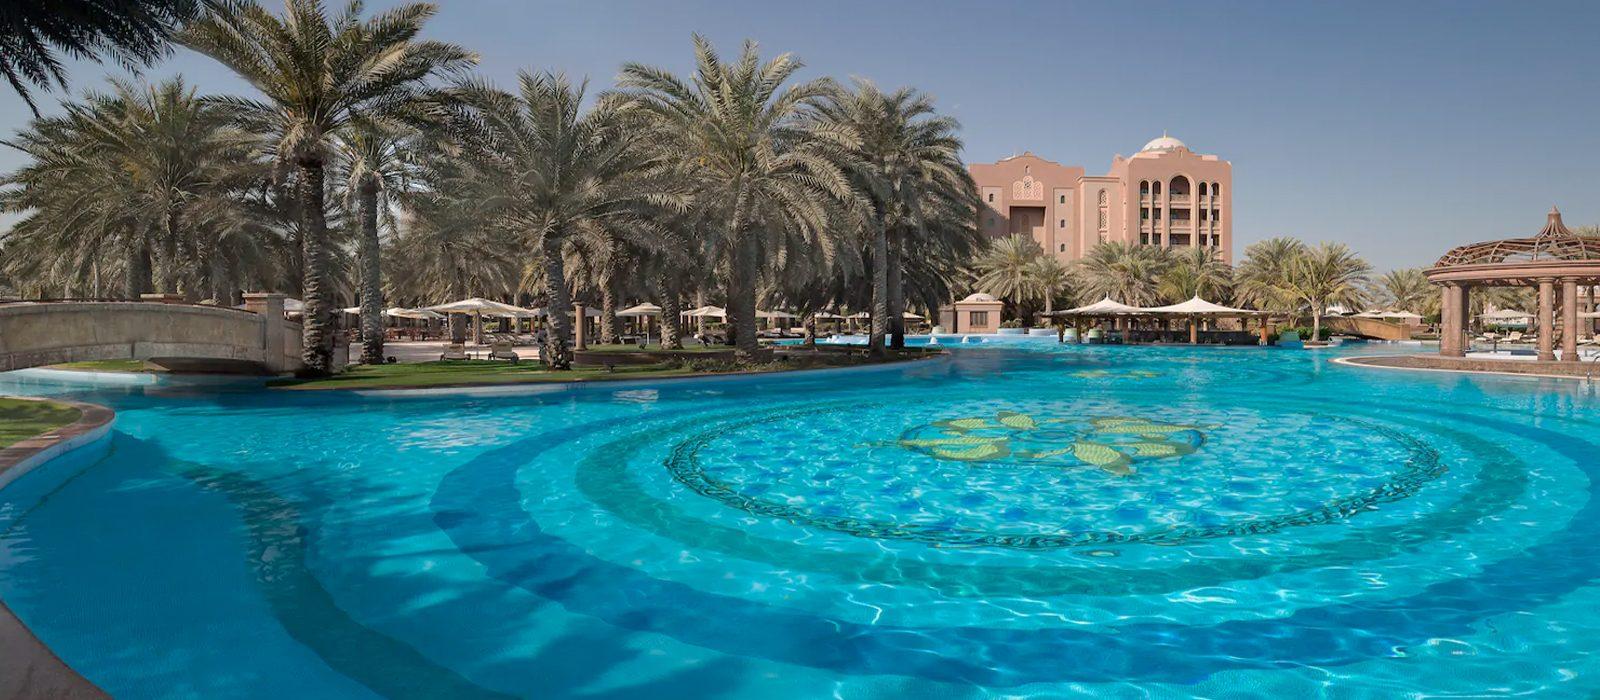 Header Emirates Palace Abu Dhabi Abu Dhabi Holidays